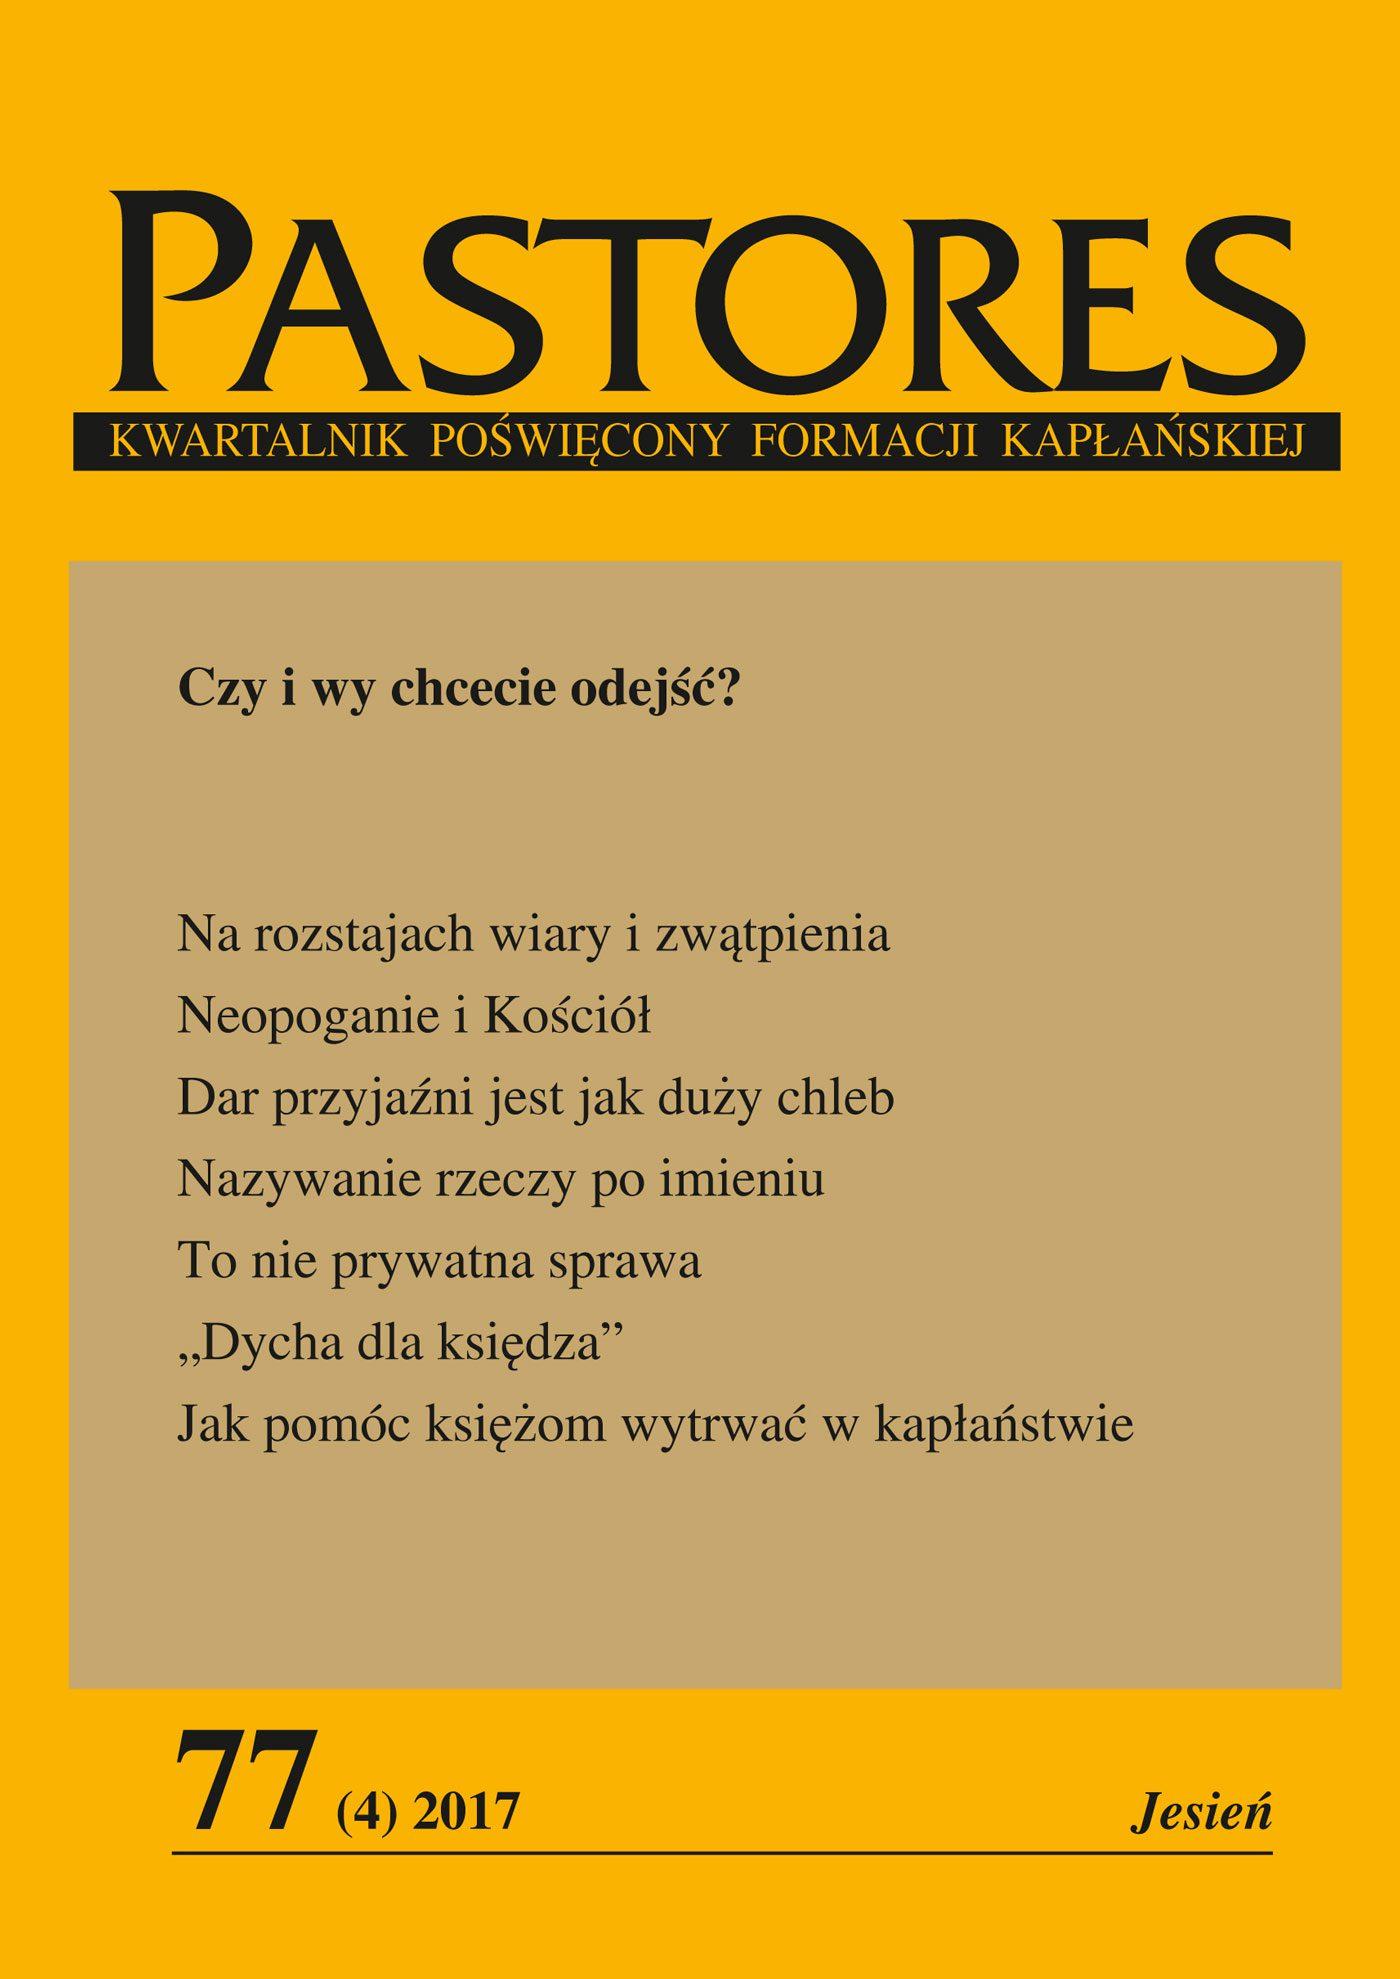 Pastores 77 (4) 2017 - Ebook (Książka EPUB) do pobrania w formacie EPUB